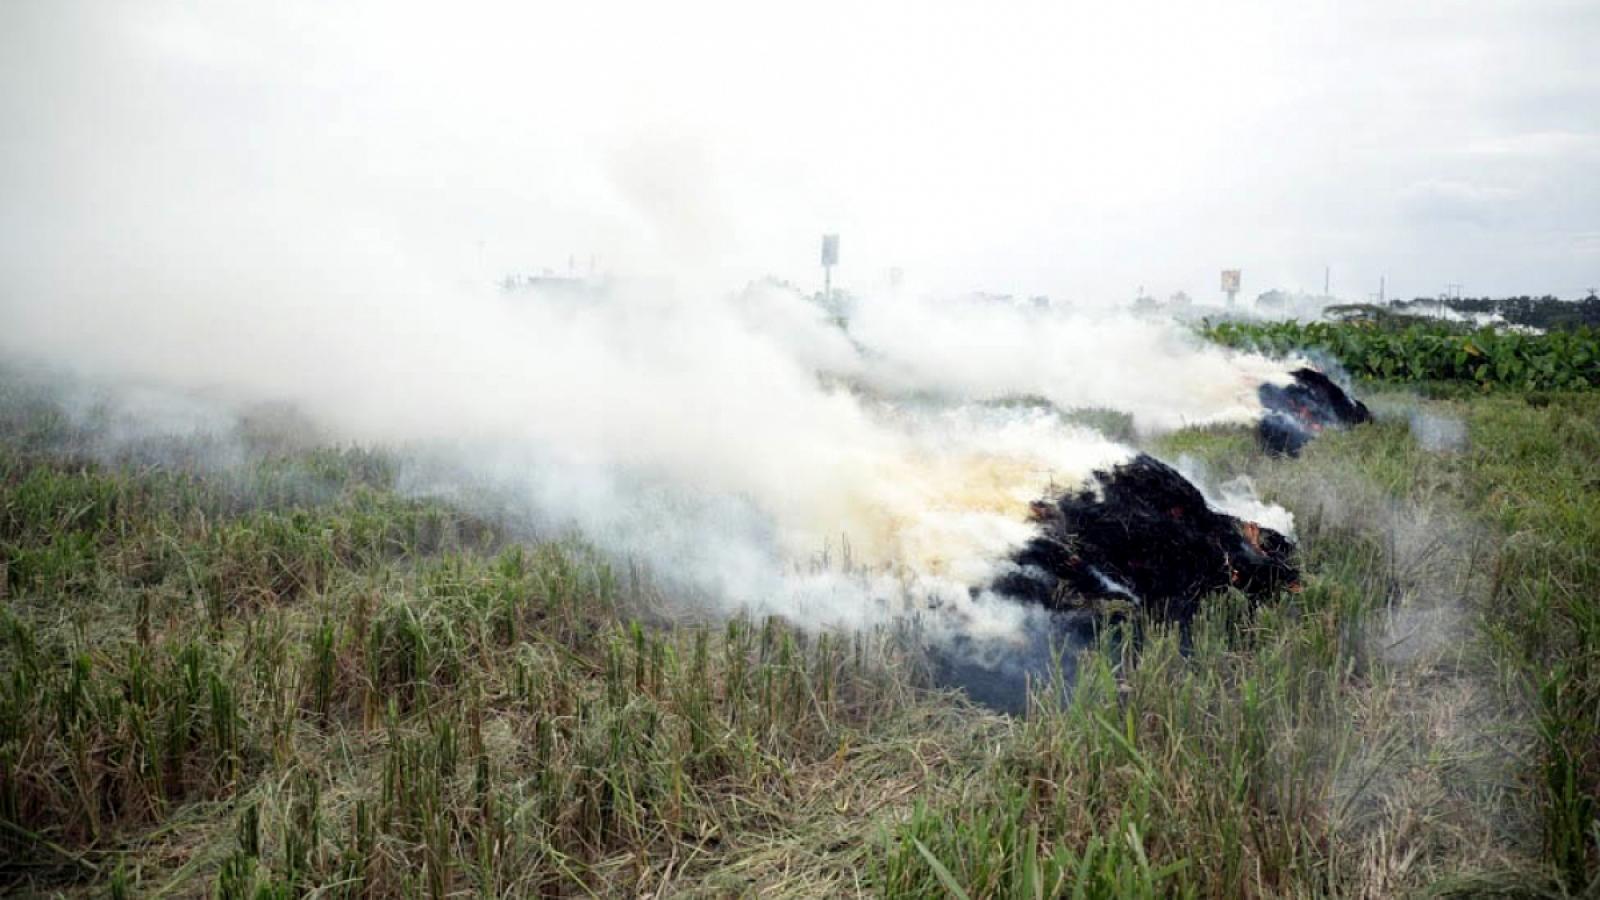 Hà Nội sẽ xử lý nghiêm việc đốt rơm rạ không đúng quy định